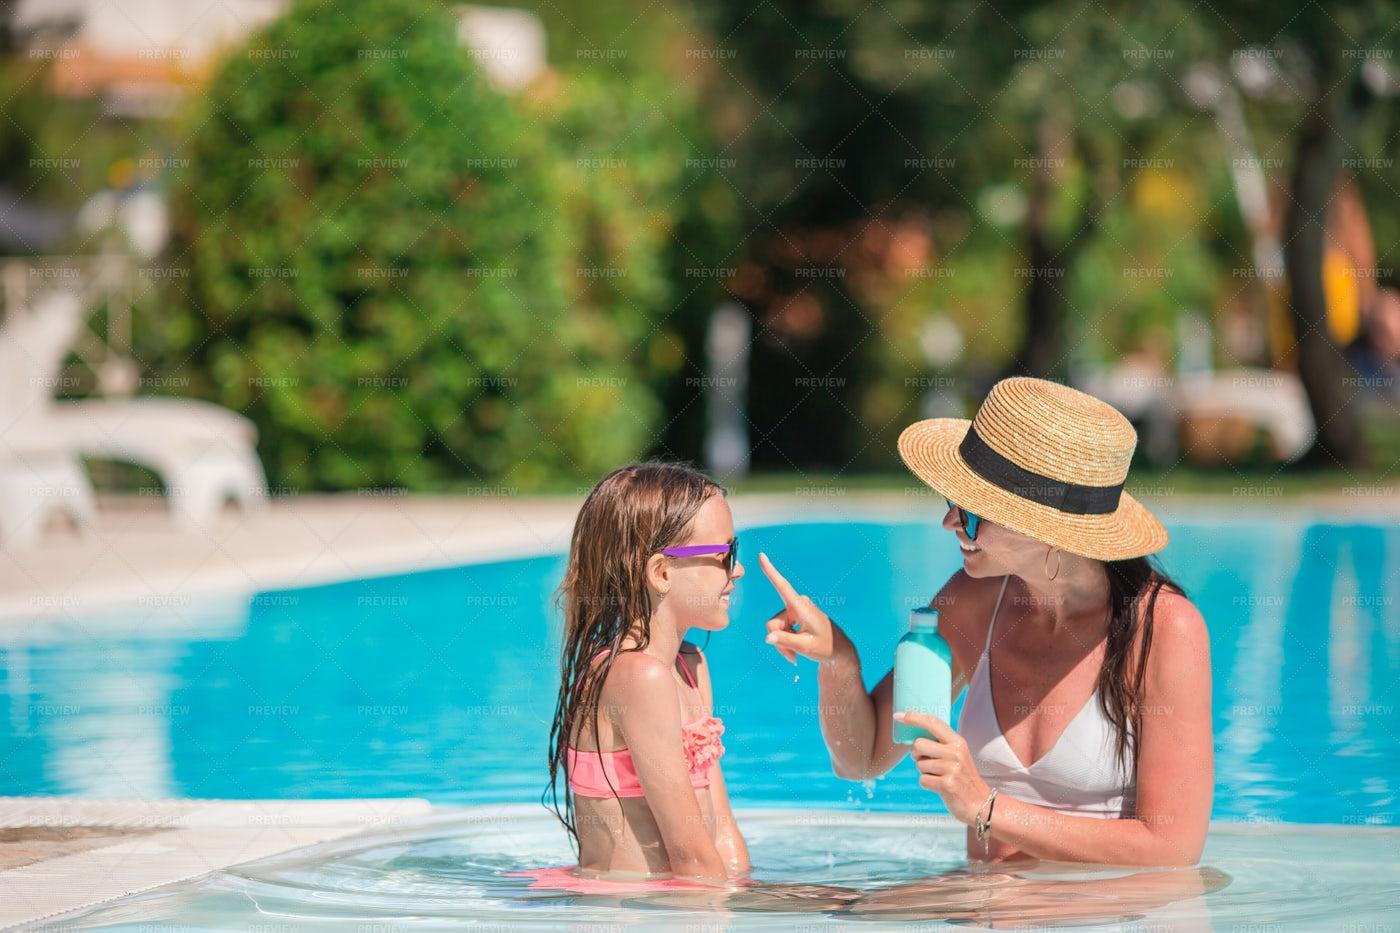 Rubbing Sunscreen On Nose: Stock Photos